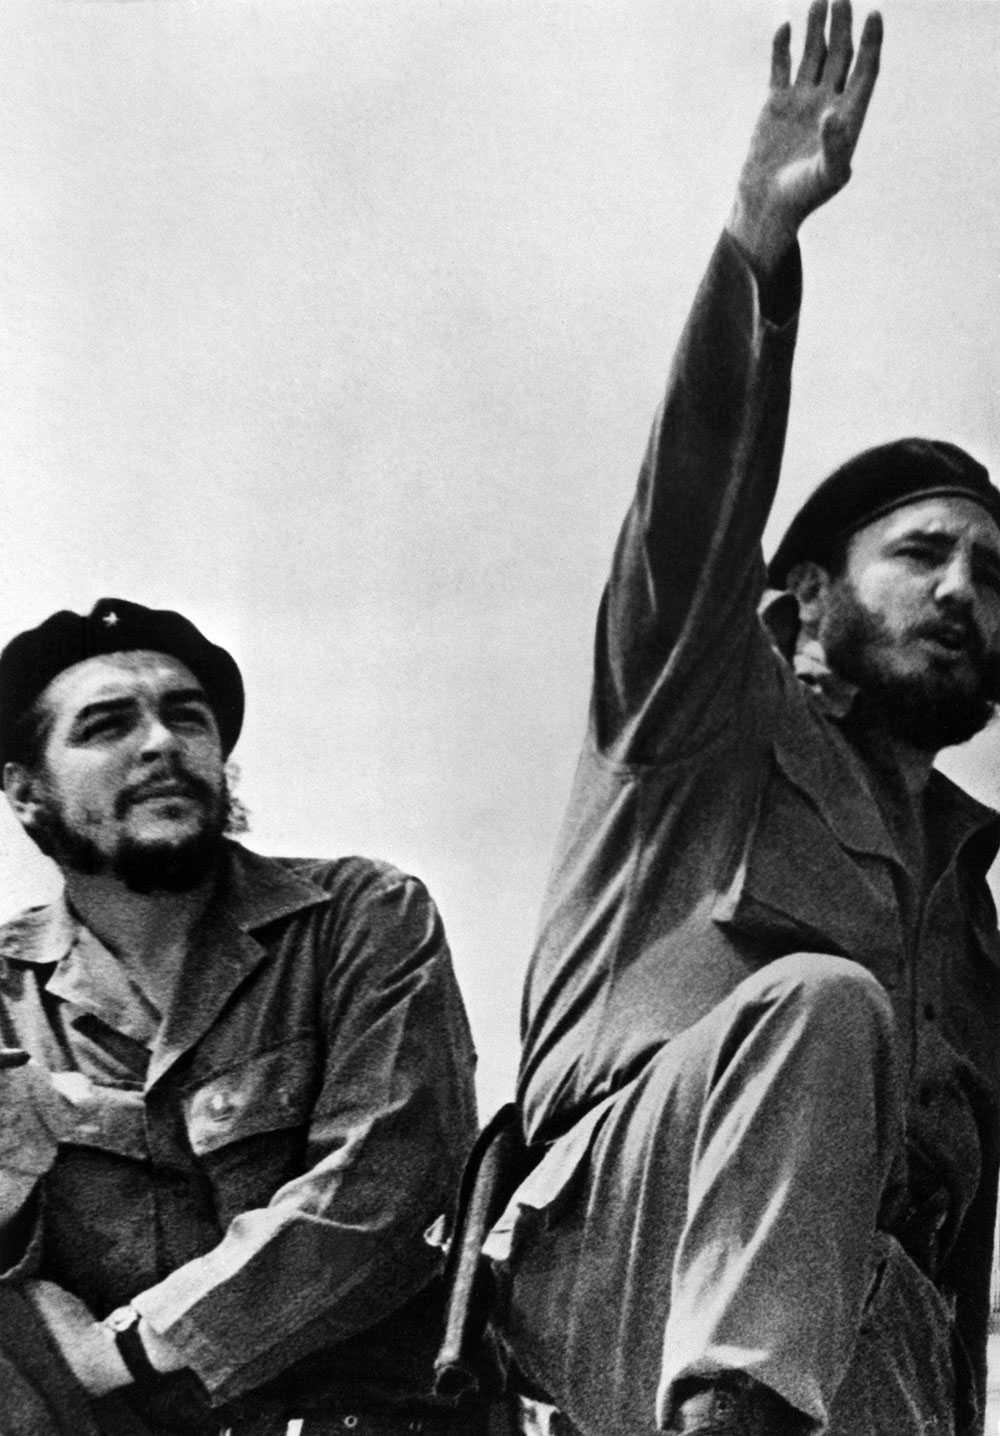 """""""Castro är inte som vilken annan diktator som helst i Latinamerika, en småaktig tyrann som drivs av makt. Hans anspråk sträcker sig betydligt längre än så"""", sade USA:s tidigare president John F Kennedy 1962."""